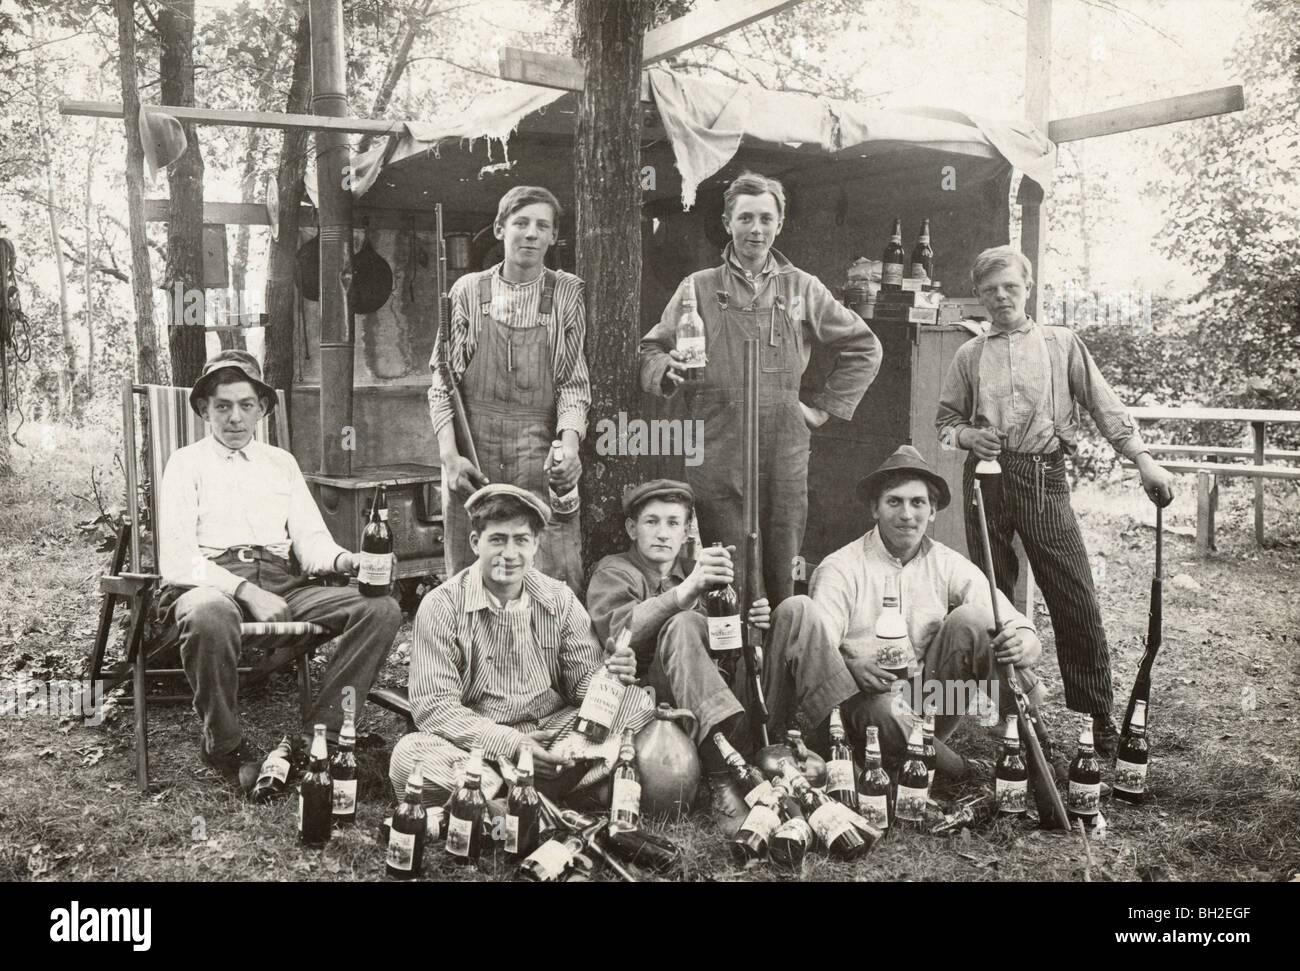 Sieben bewaffneten jungen umgeben von Dutzenden von Schnapsflaschen Stockbild